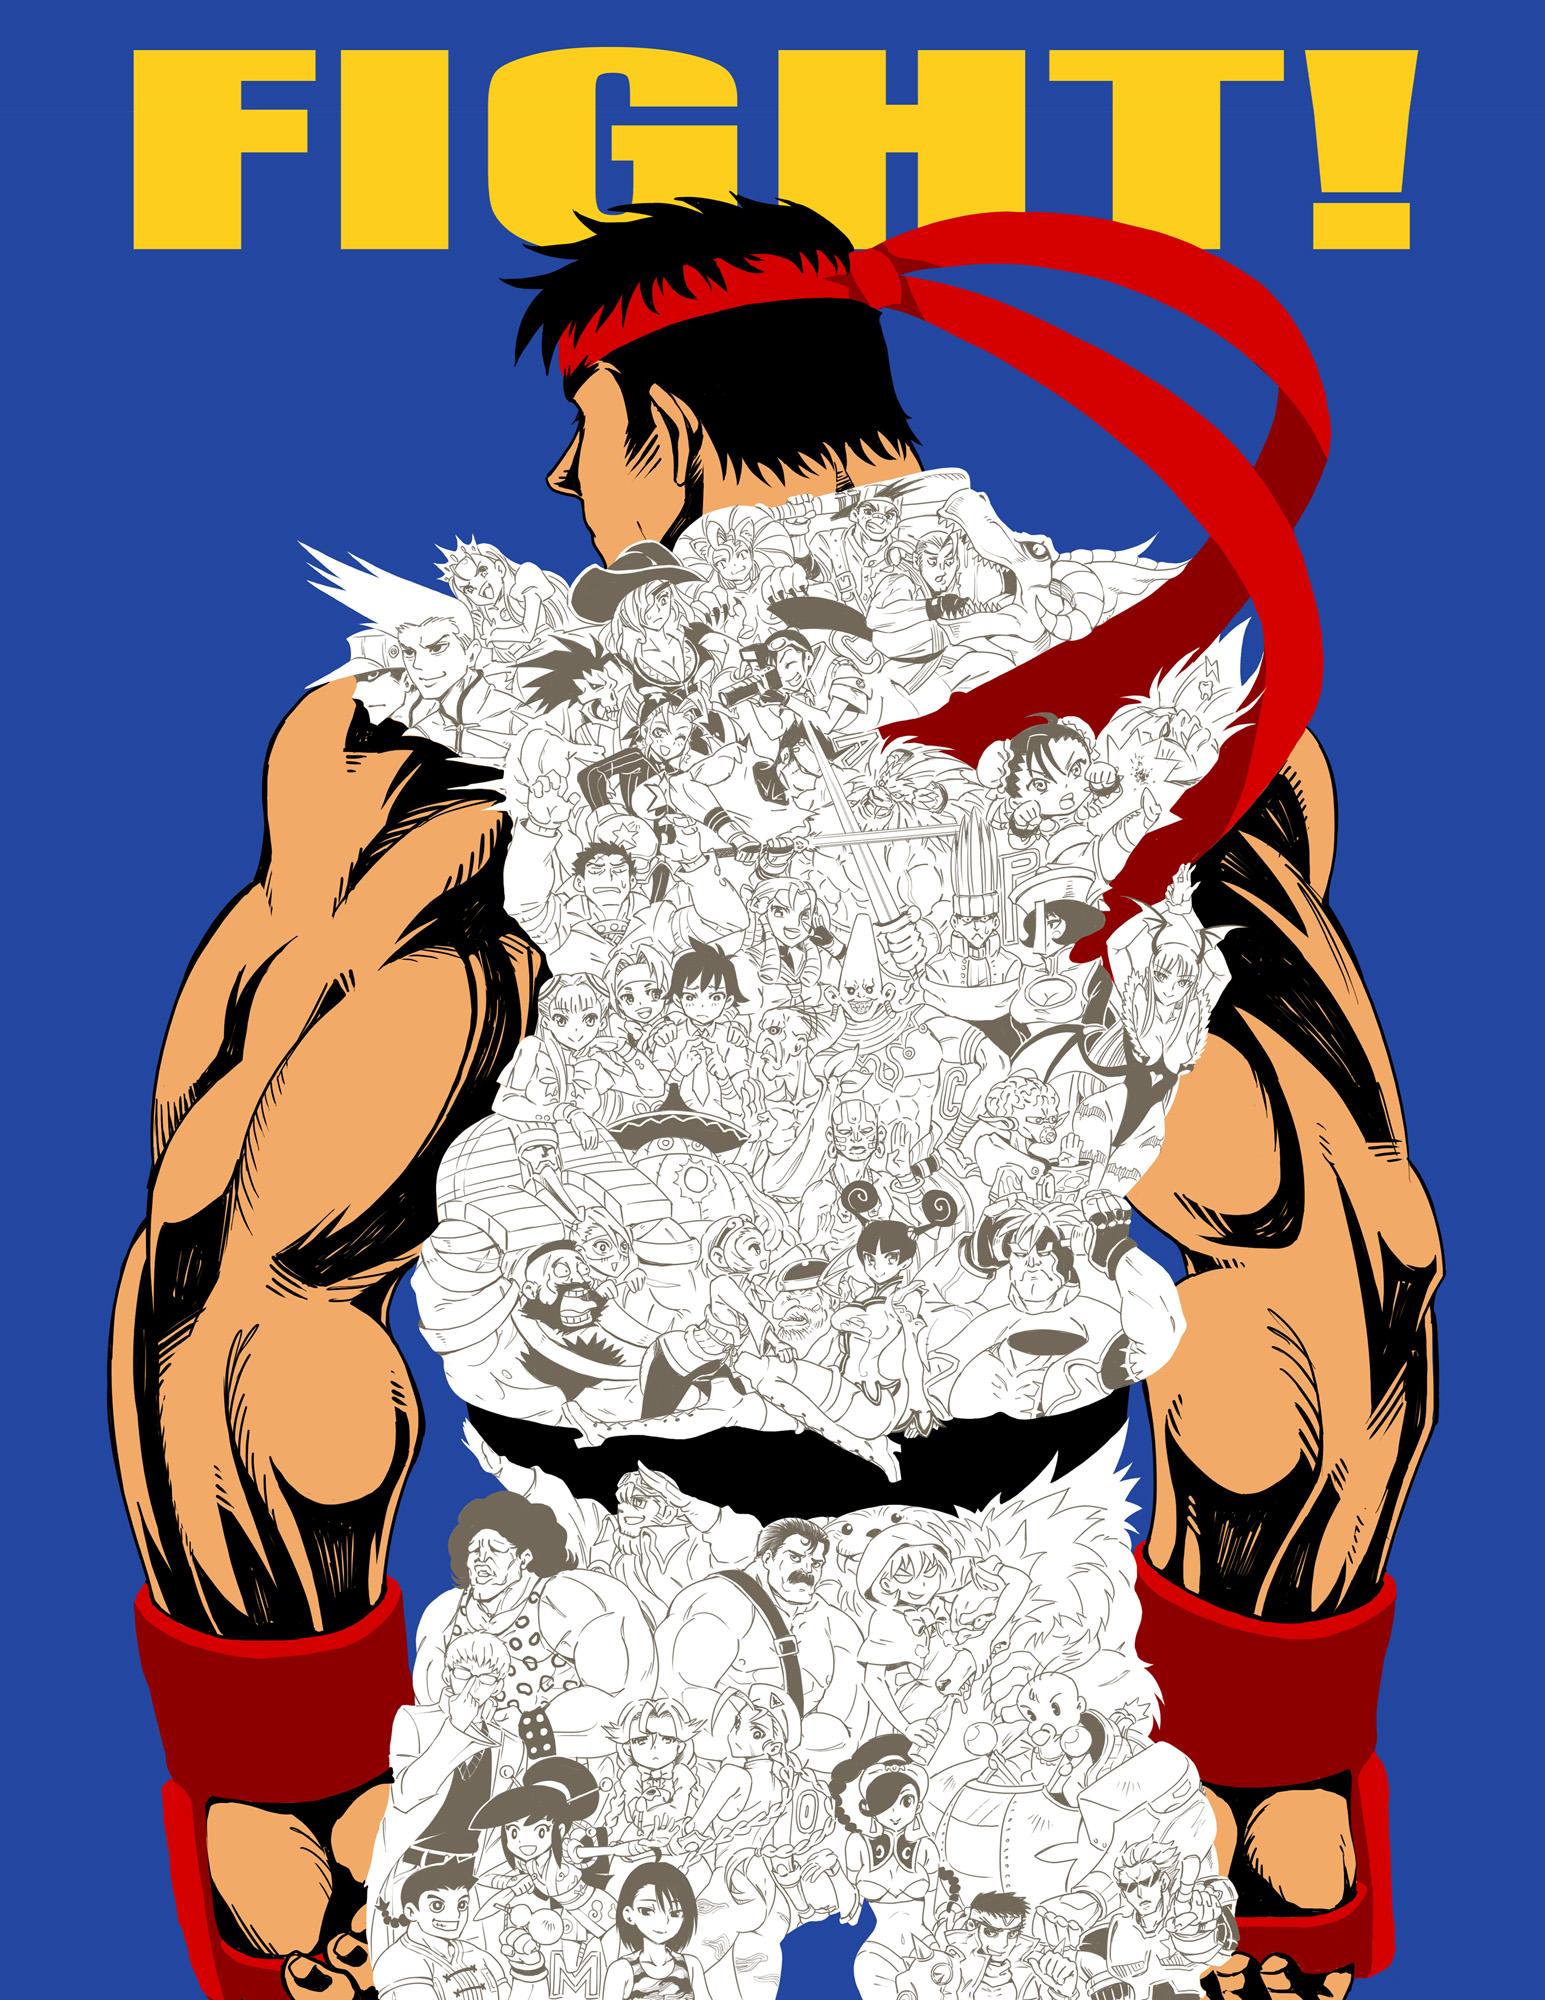 Fight Capcom! by vinhnyu